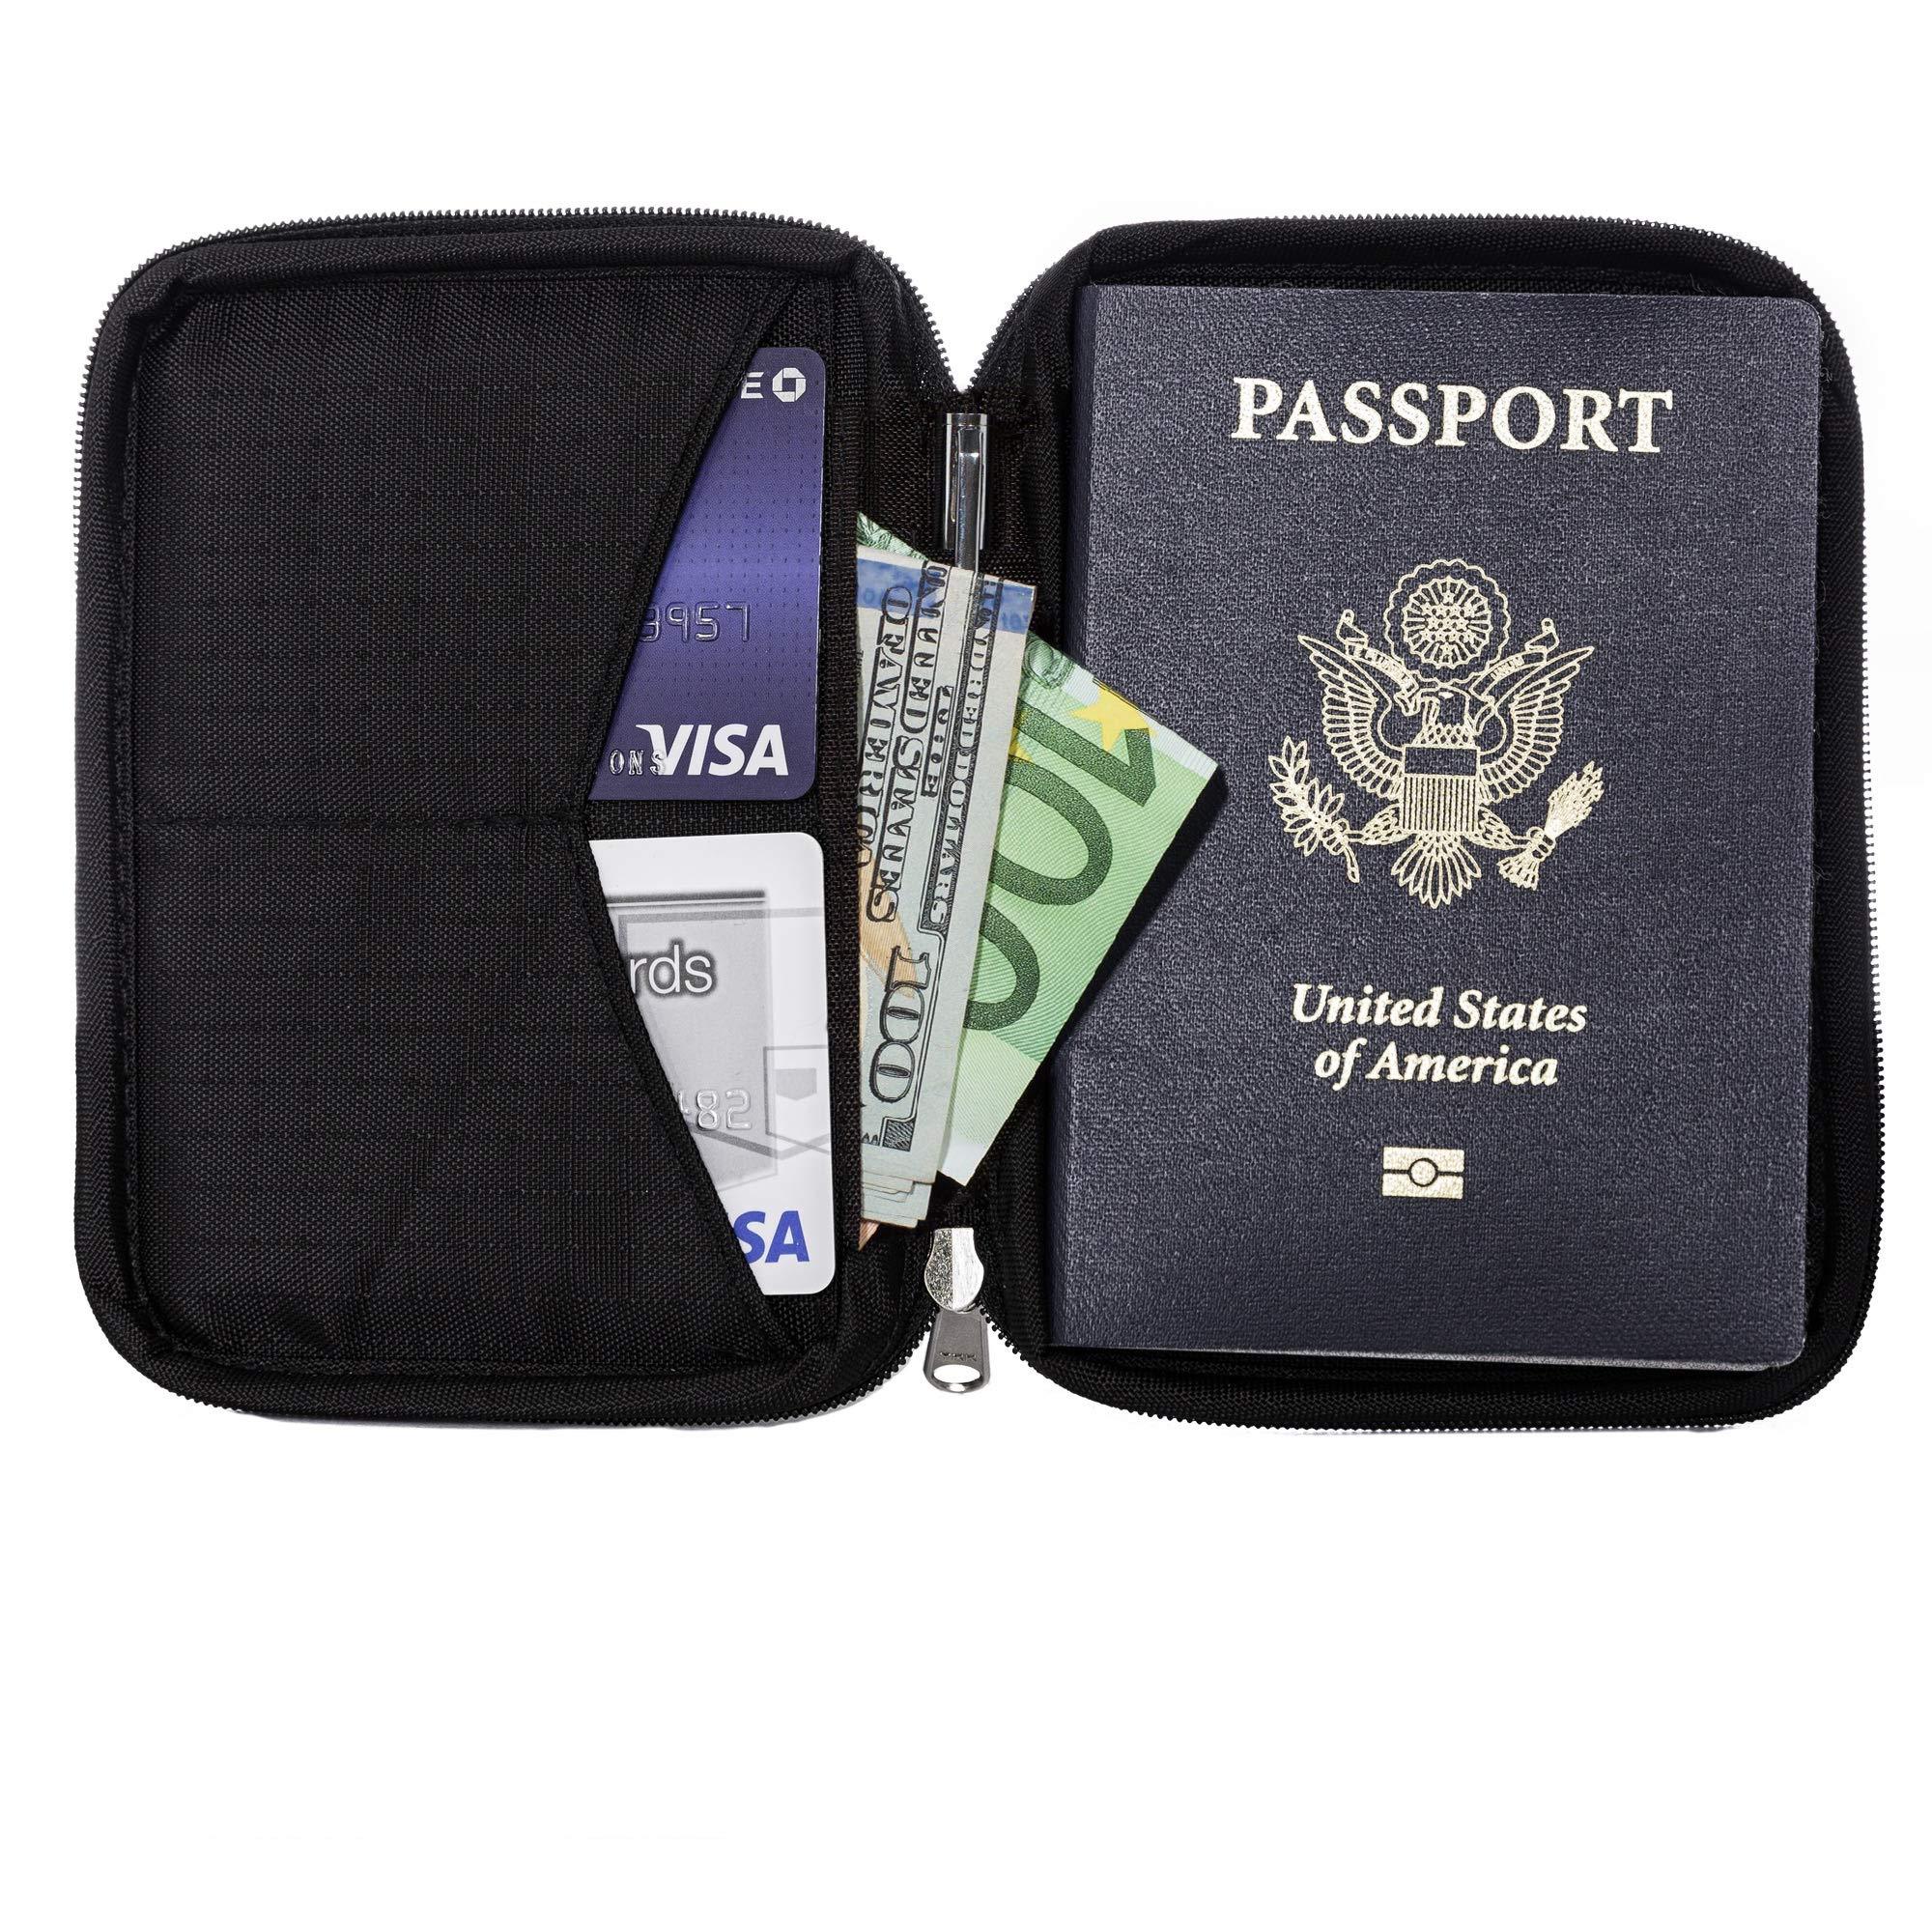 Zero Grid Passport Wallet - Travel Document Holder w/RFID Blocking by Zero Grid